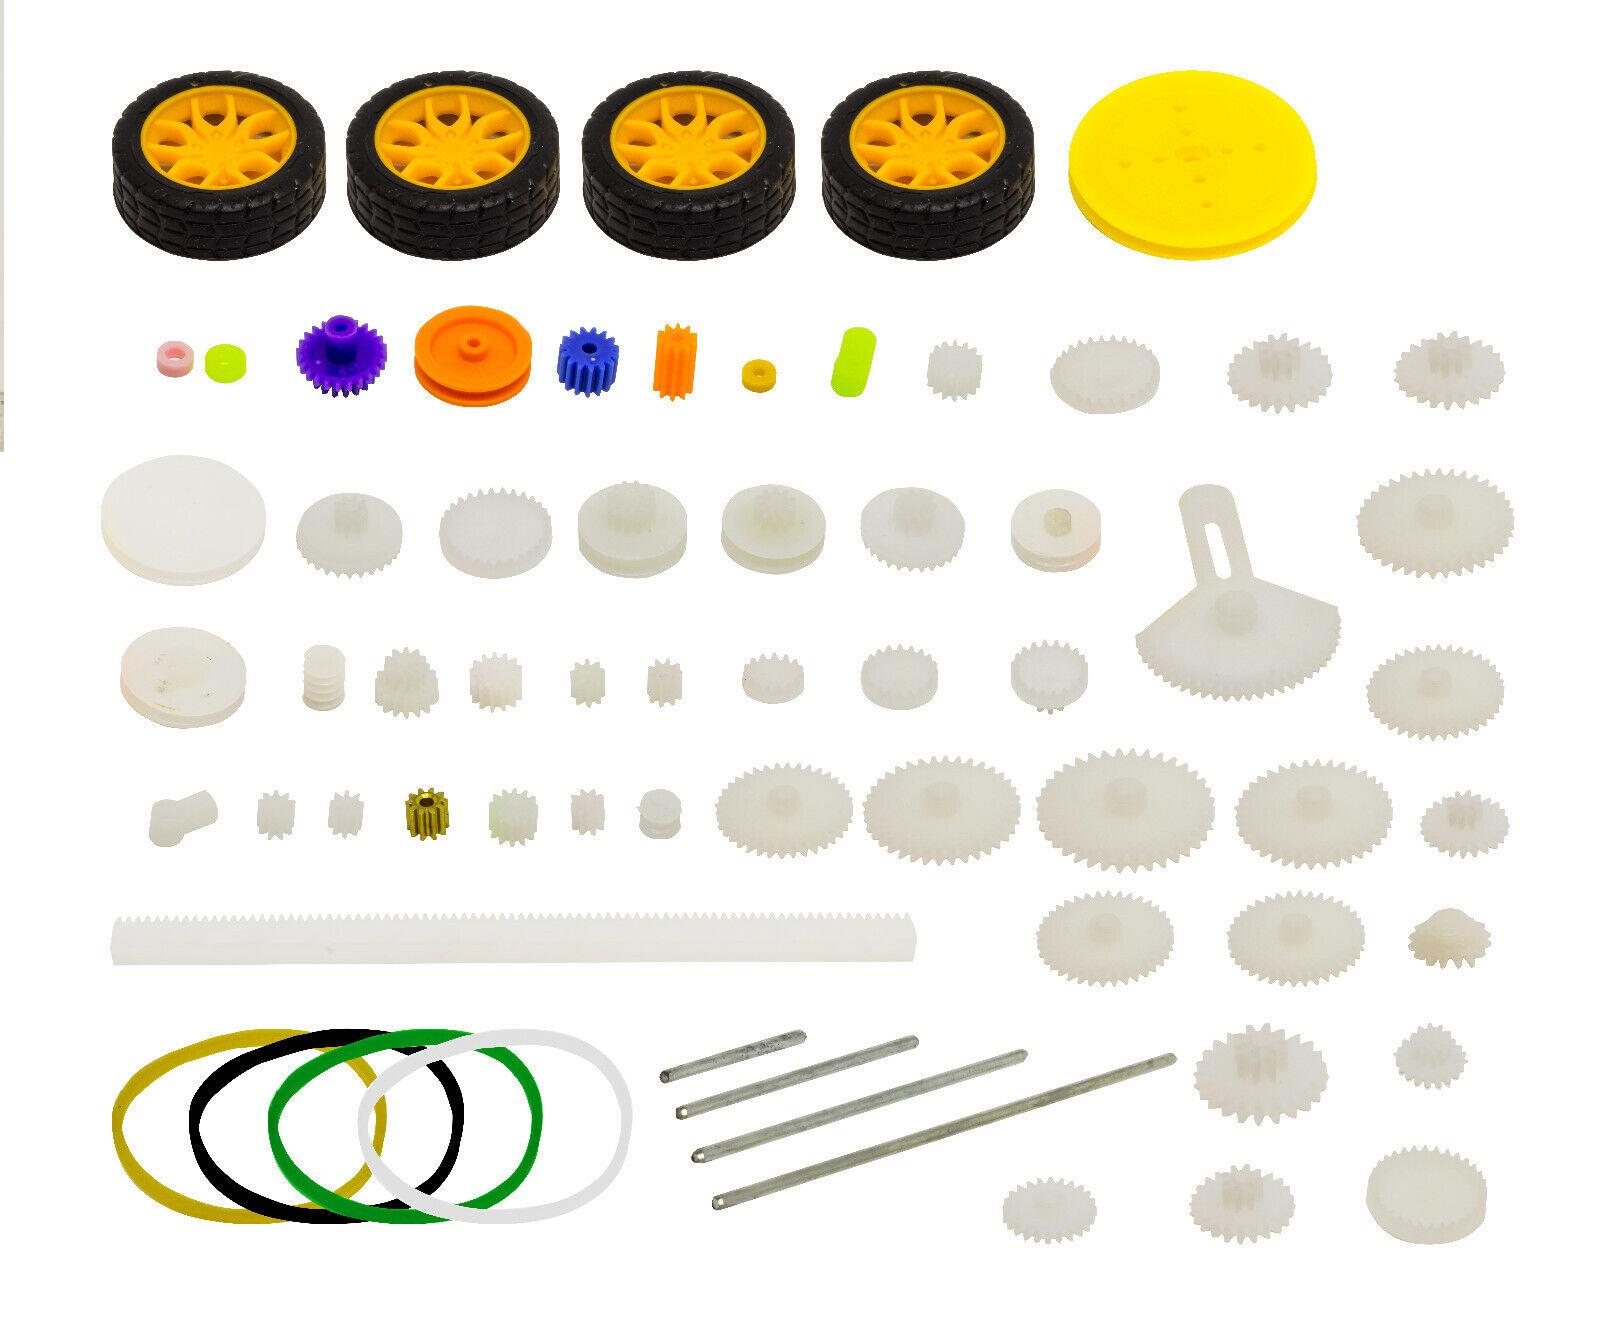 78 Teile Nylon Zahnräder Zahnrad Getriebe Set für Arduino Steppermotoren Motor